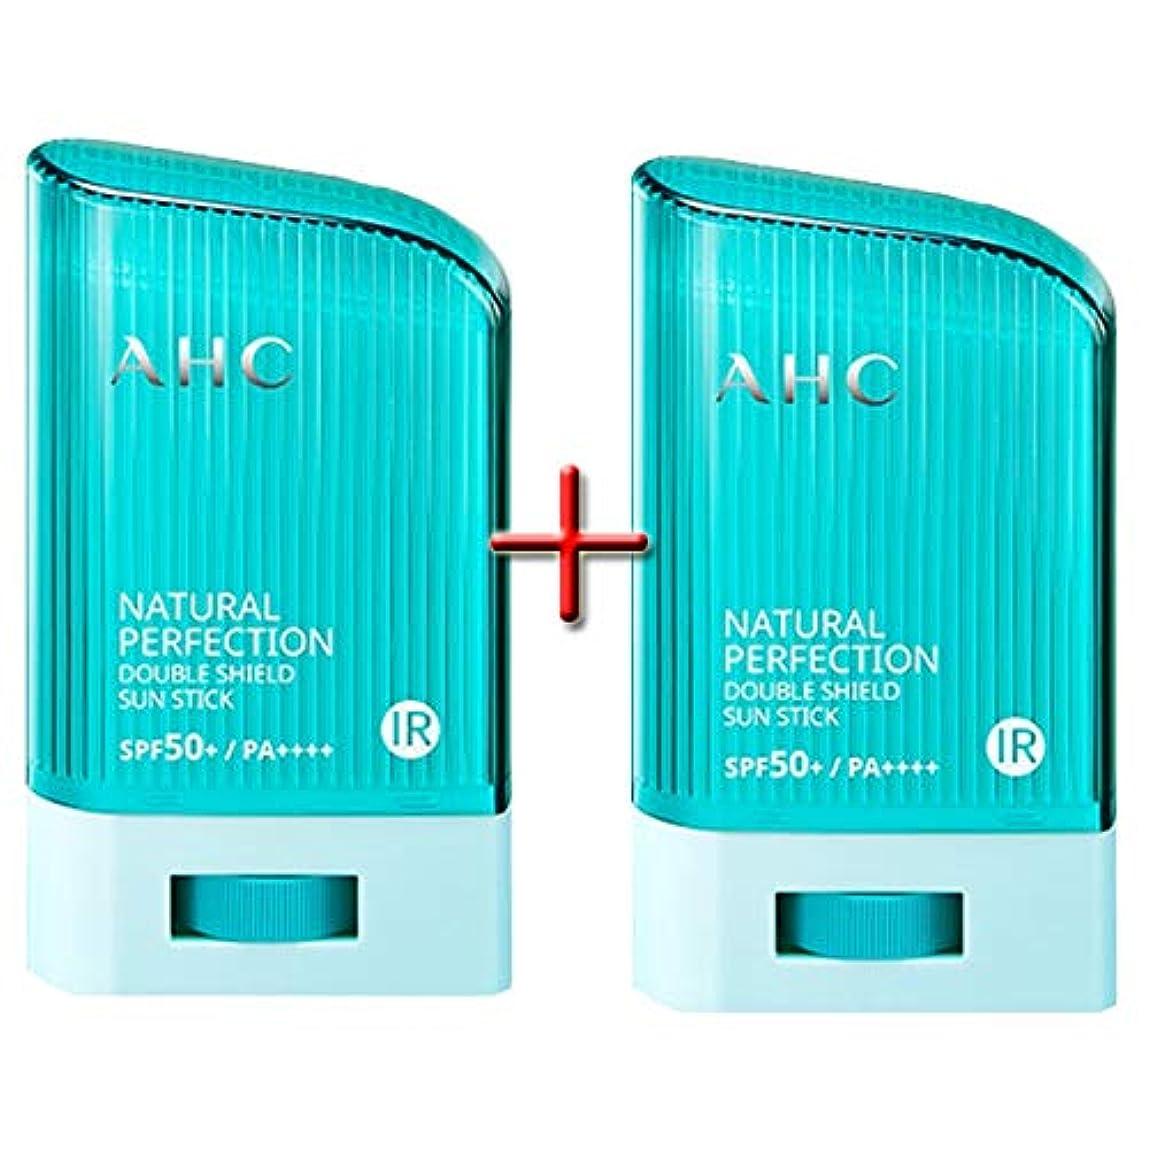 できた他の場所ボンド[ 1+1 ] AHC ナチュラルパーフェクションダブルシールドサンスティック 22g, Natural Perfection Double Shield Sun Stick SPF50+ PA++++